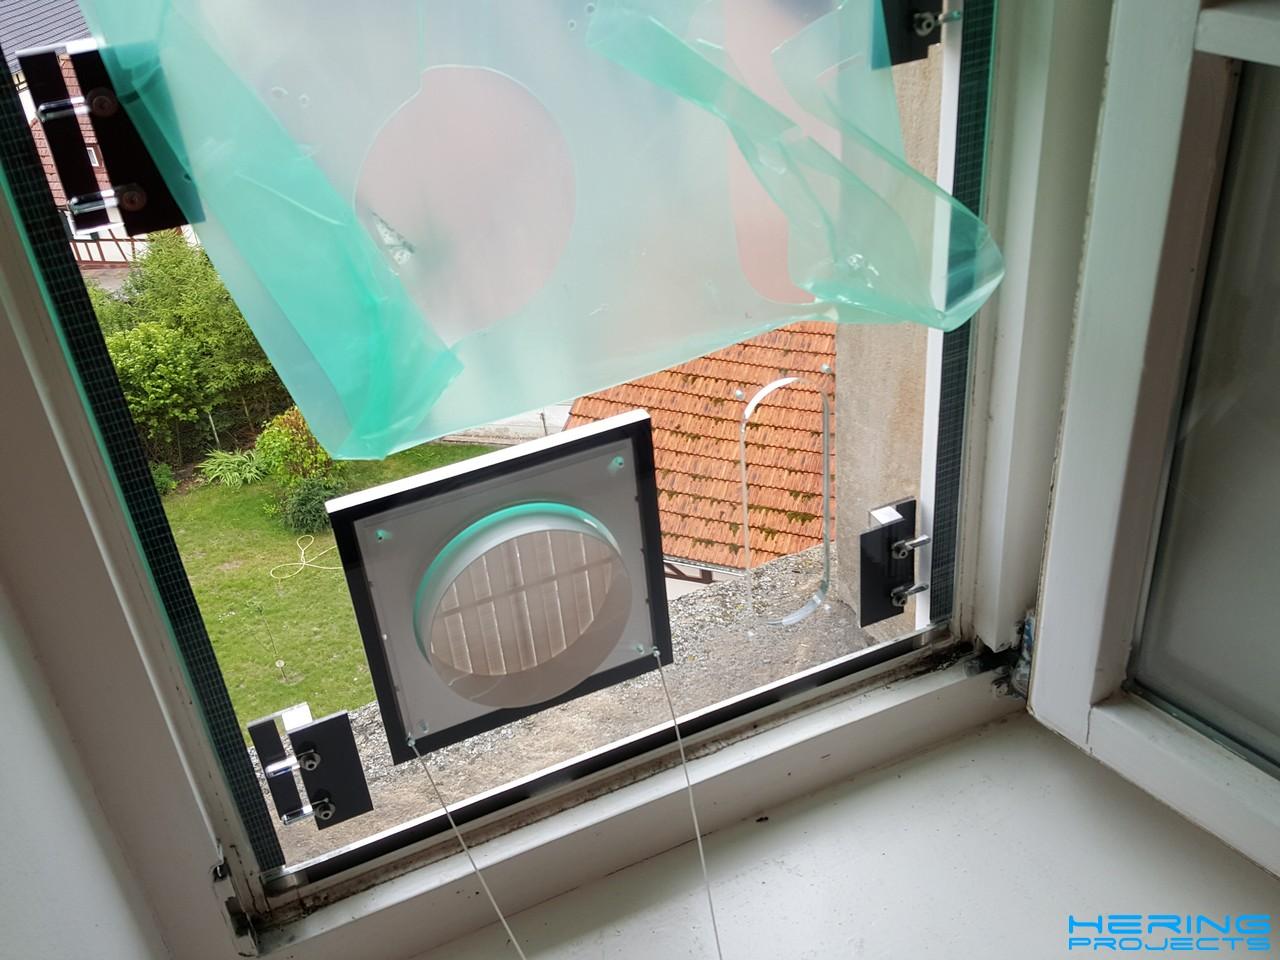 Klimaanlage Fensteradapter beim Einbau in den Fensterrahmen